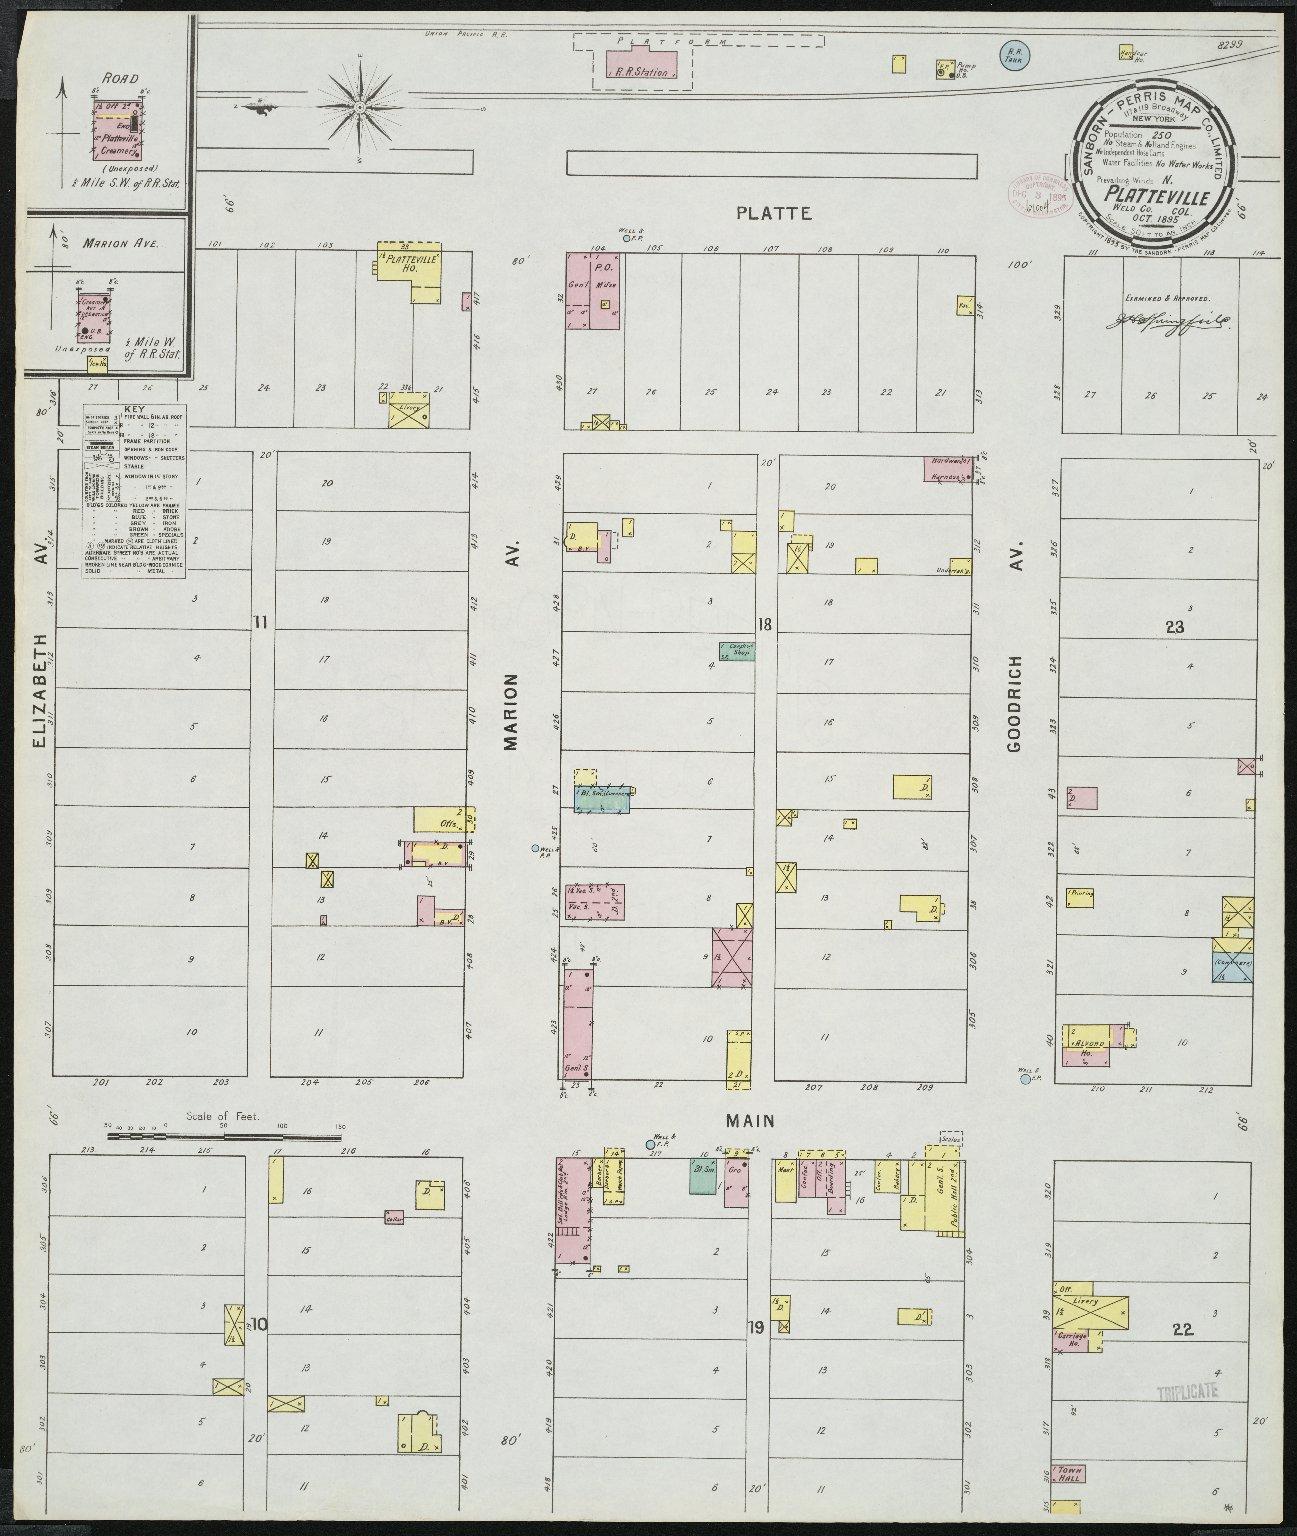 Platteville, Weld Co., Col.